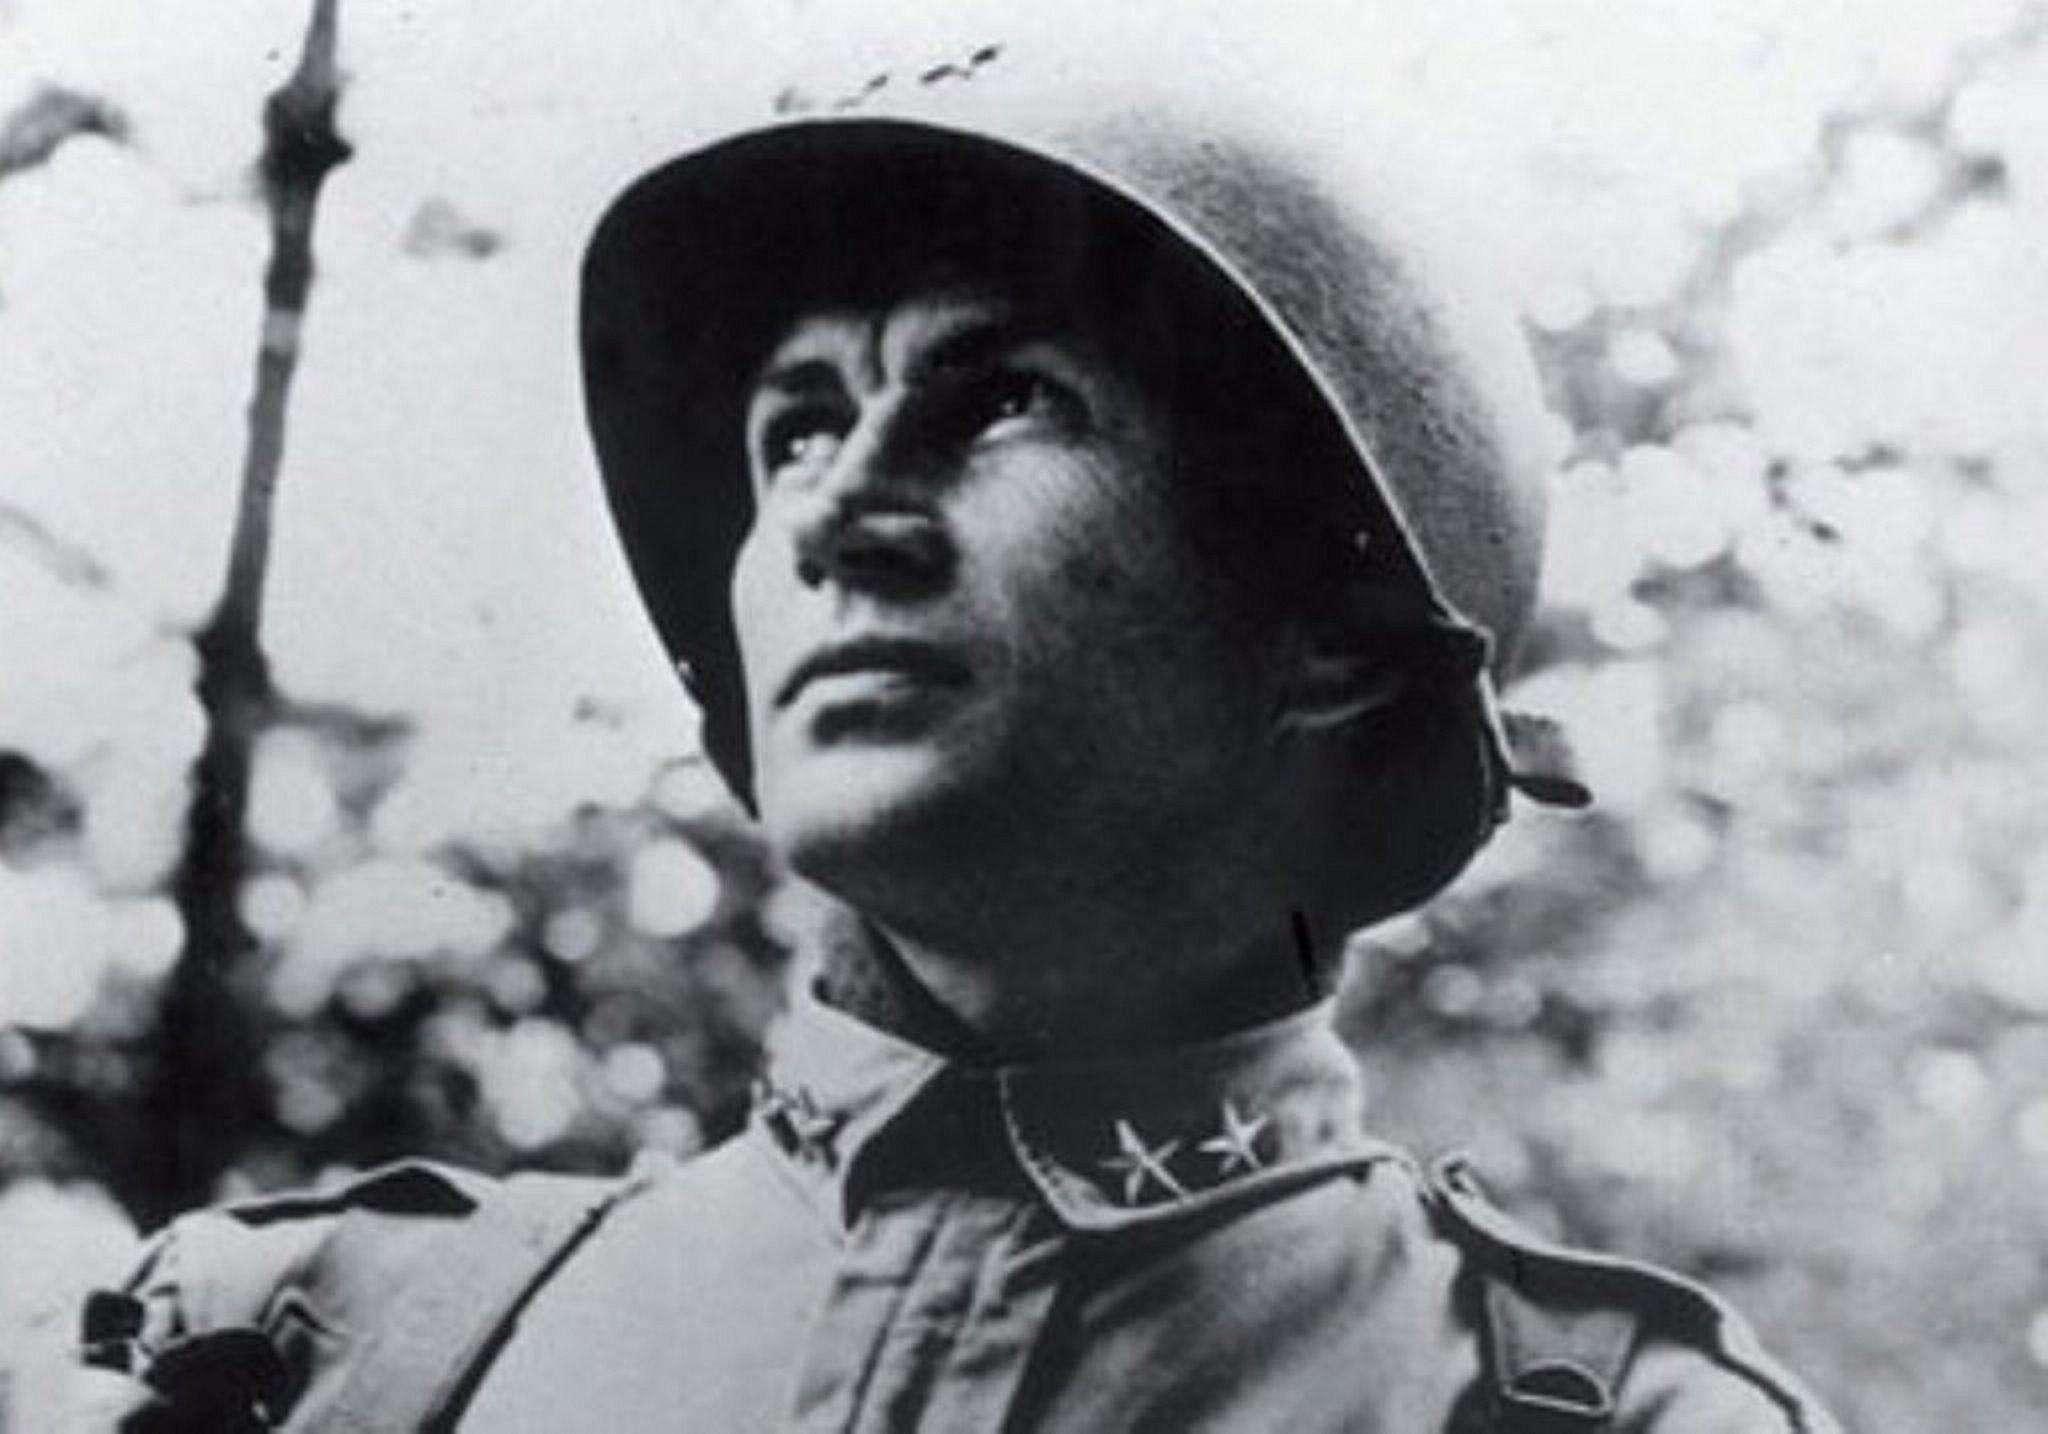 Major General James Gavin in uniform with helmet.